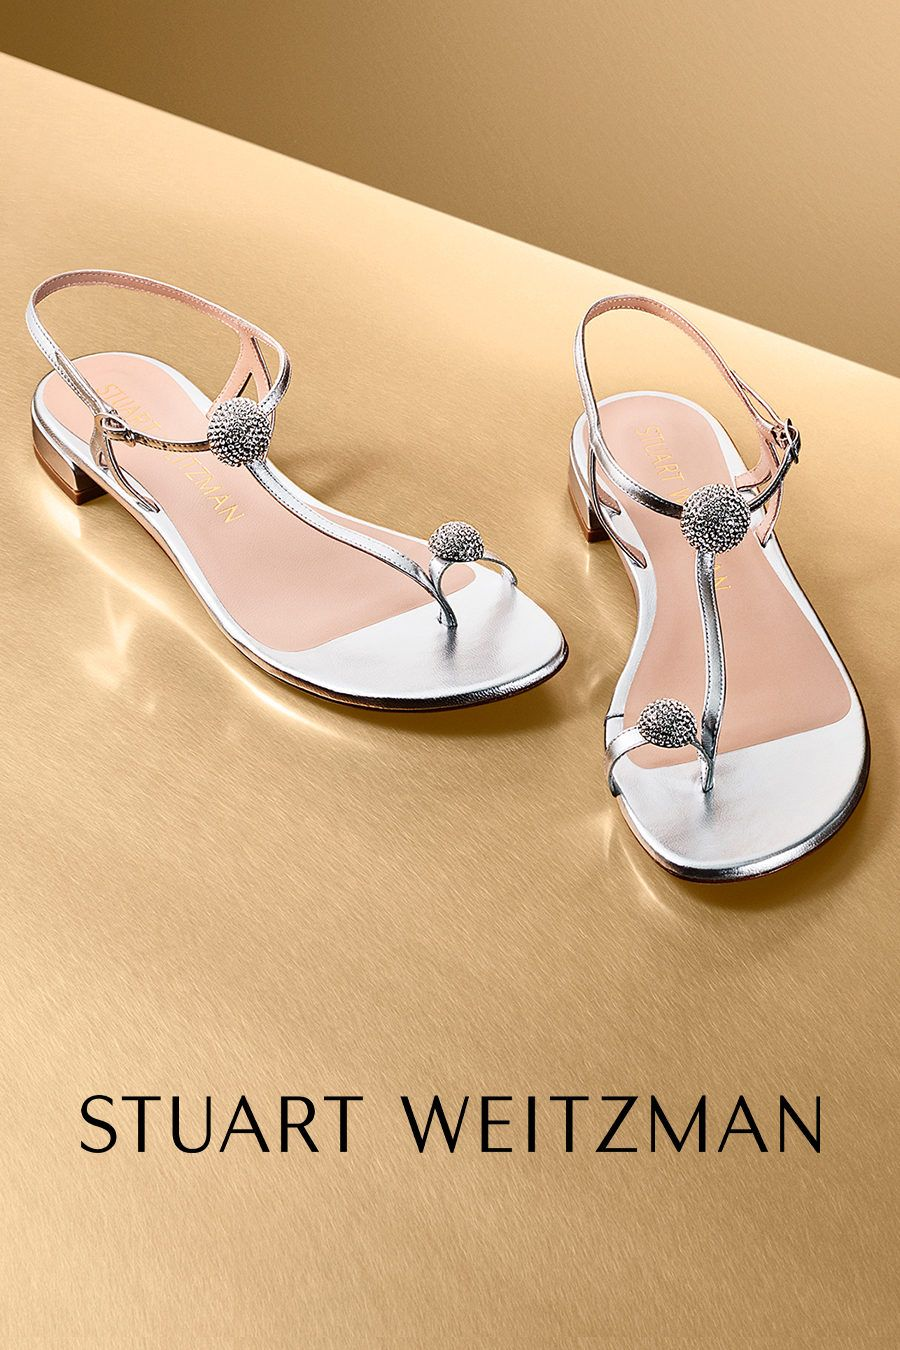 Stuart Weitzman Champagne Embellished Pumps Vintage Wedding Shoes